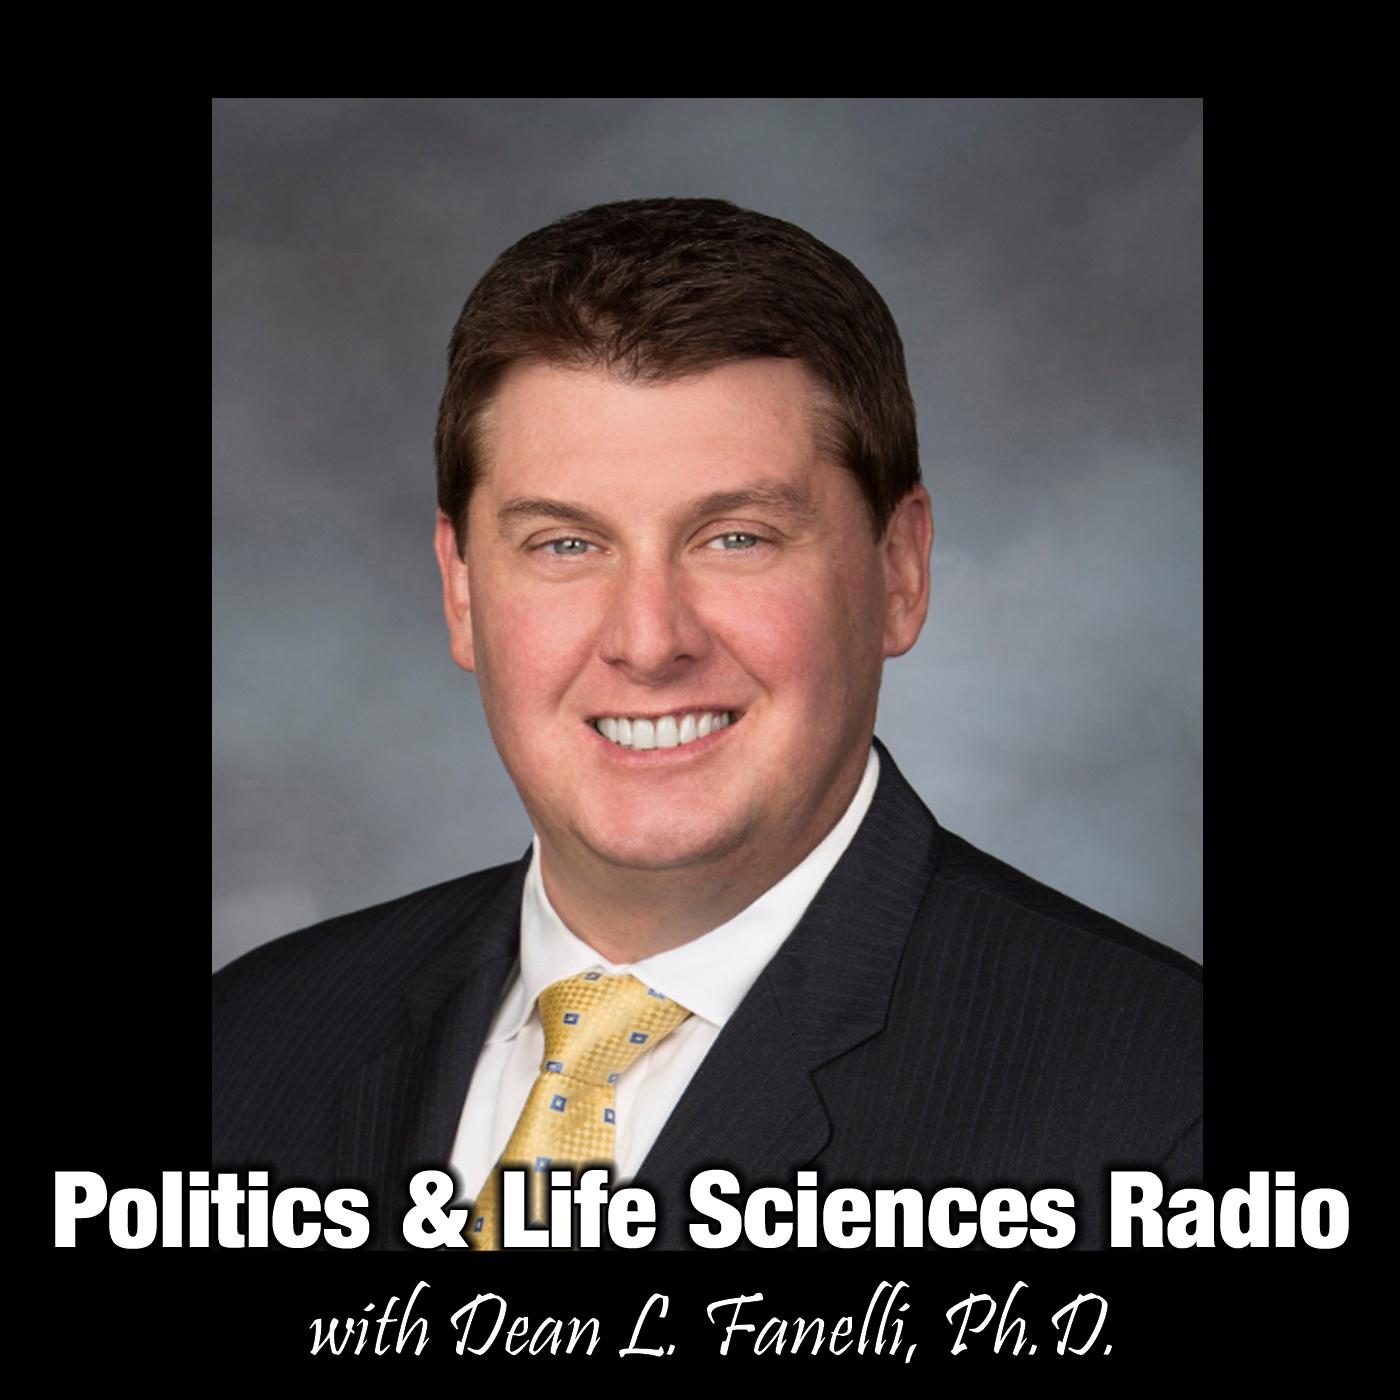 Politics & Life Sciences (PLS with DeanL. Fanelli, Ph.D. show art